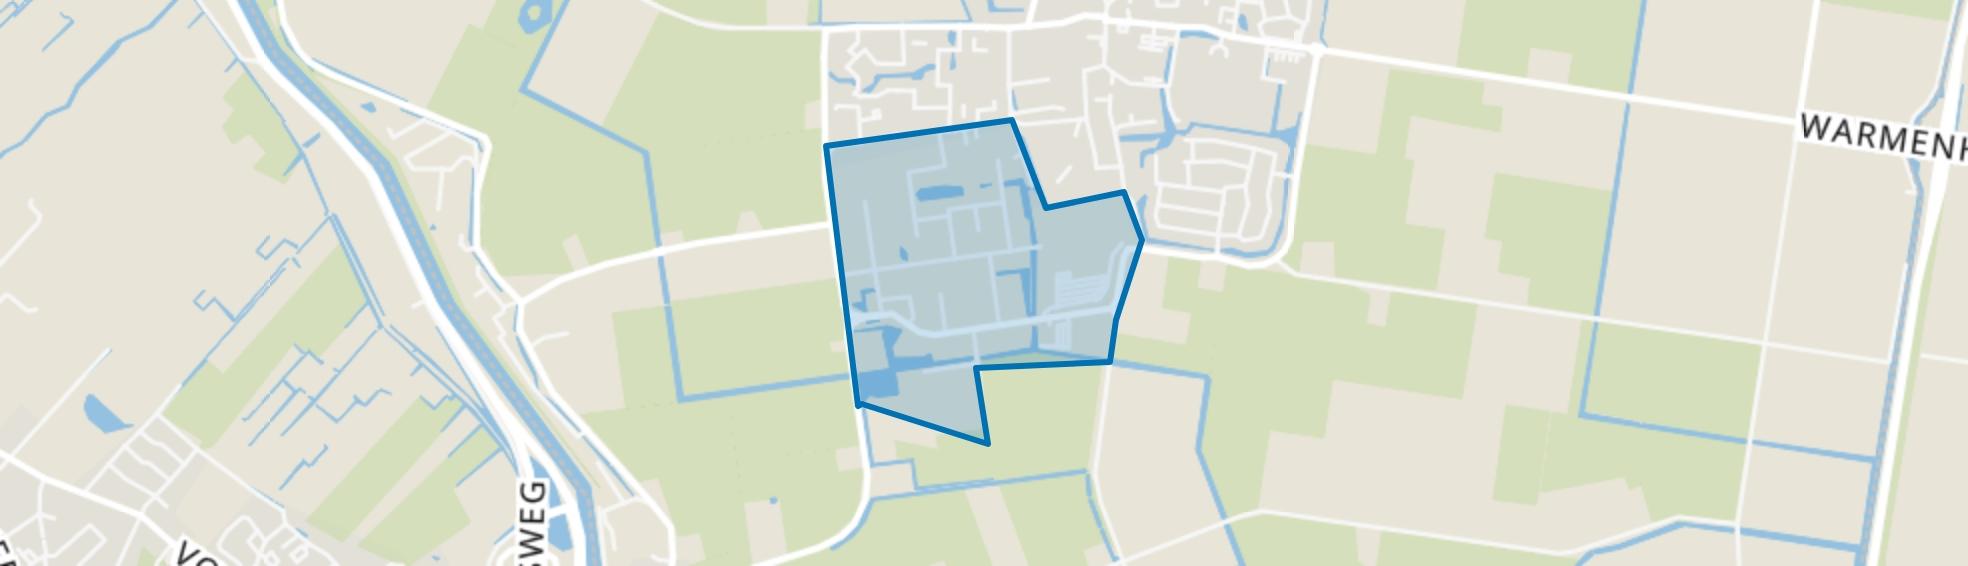 Oudevaart-Zuid, Warmenhuizen map